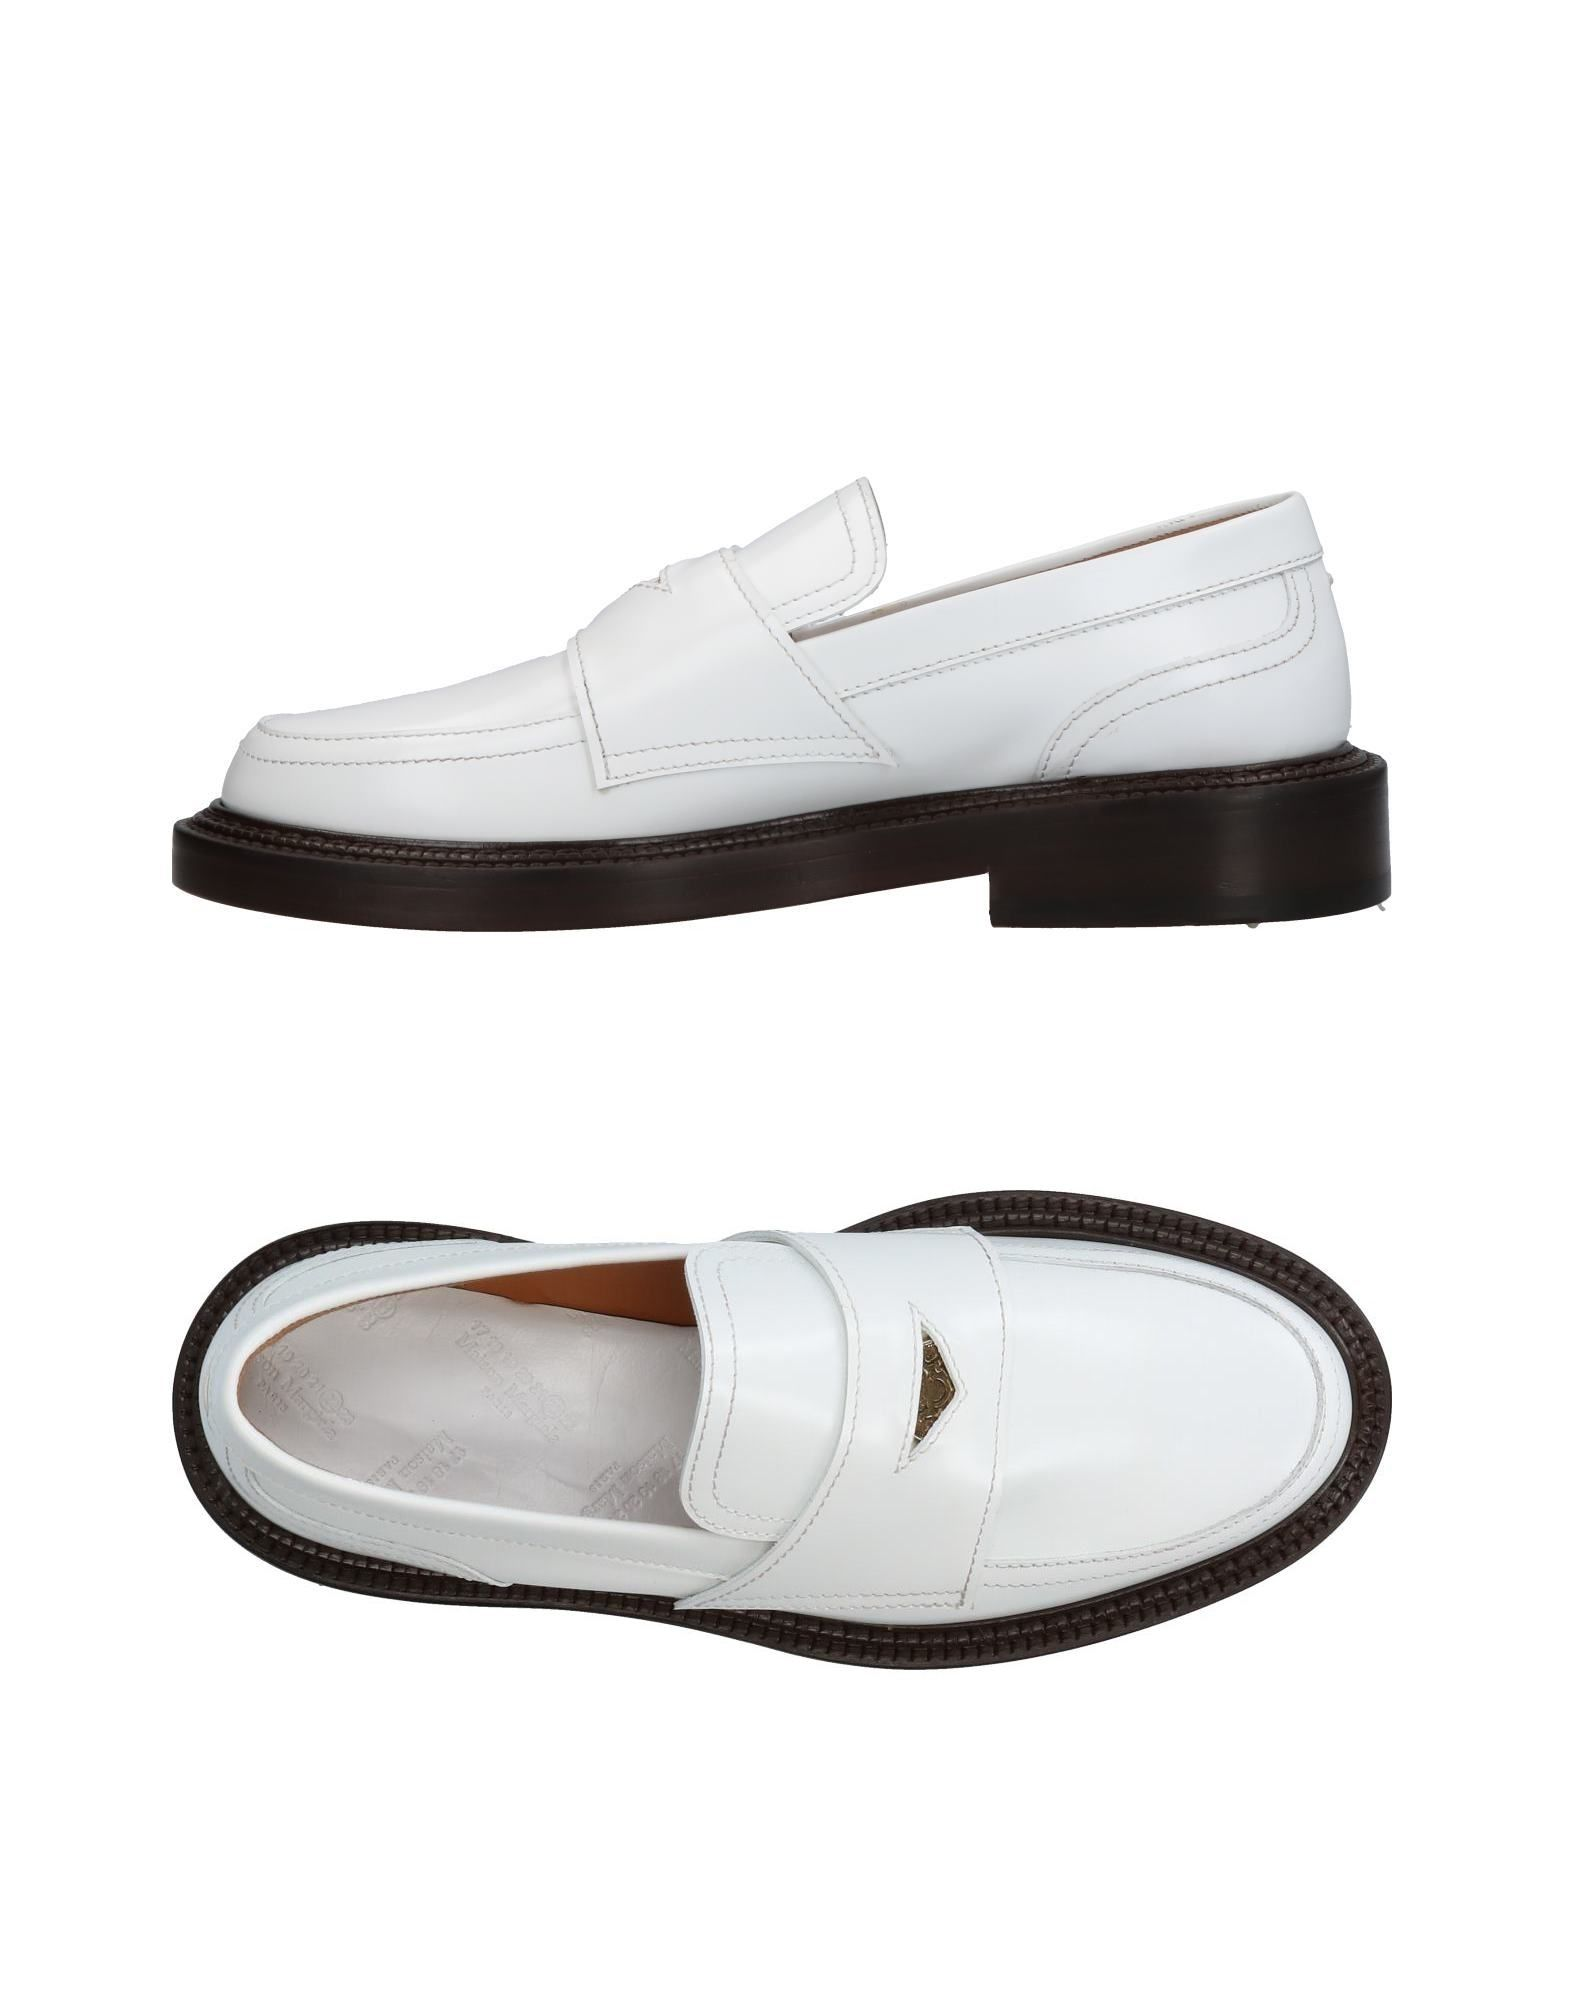 Maison Margiela Mokassins Damen  11341739PK Neue Schuhe